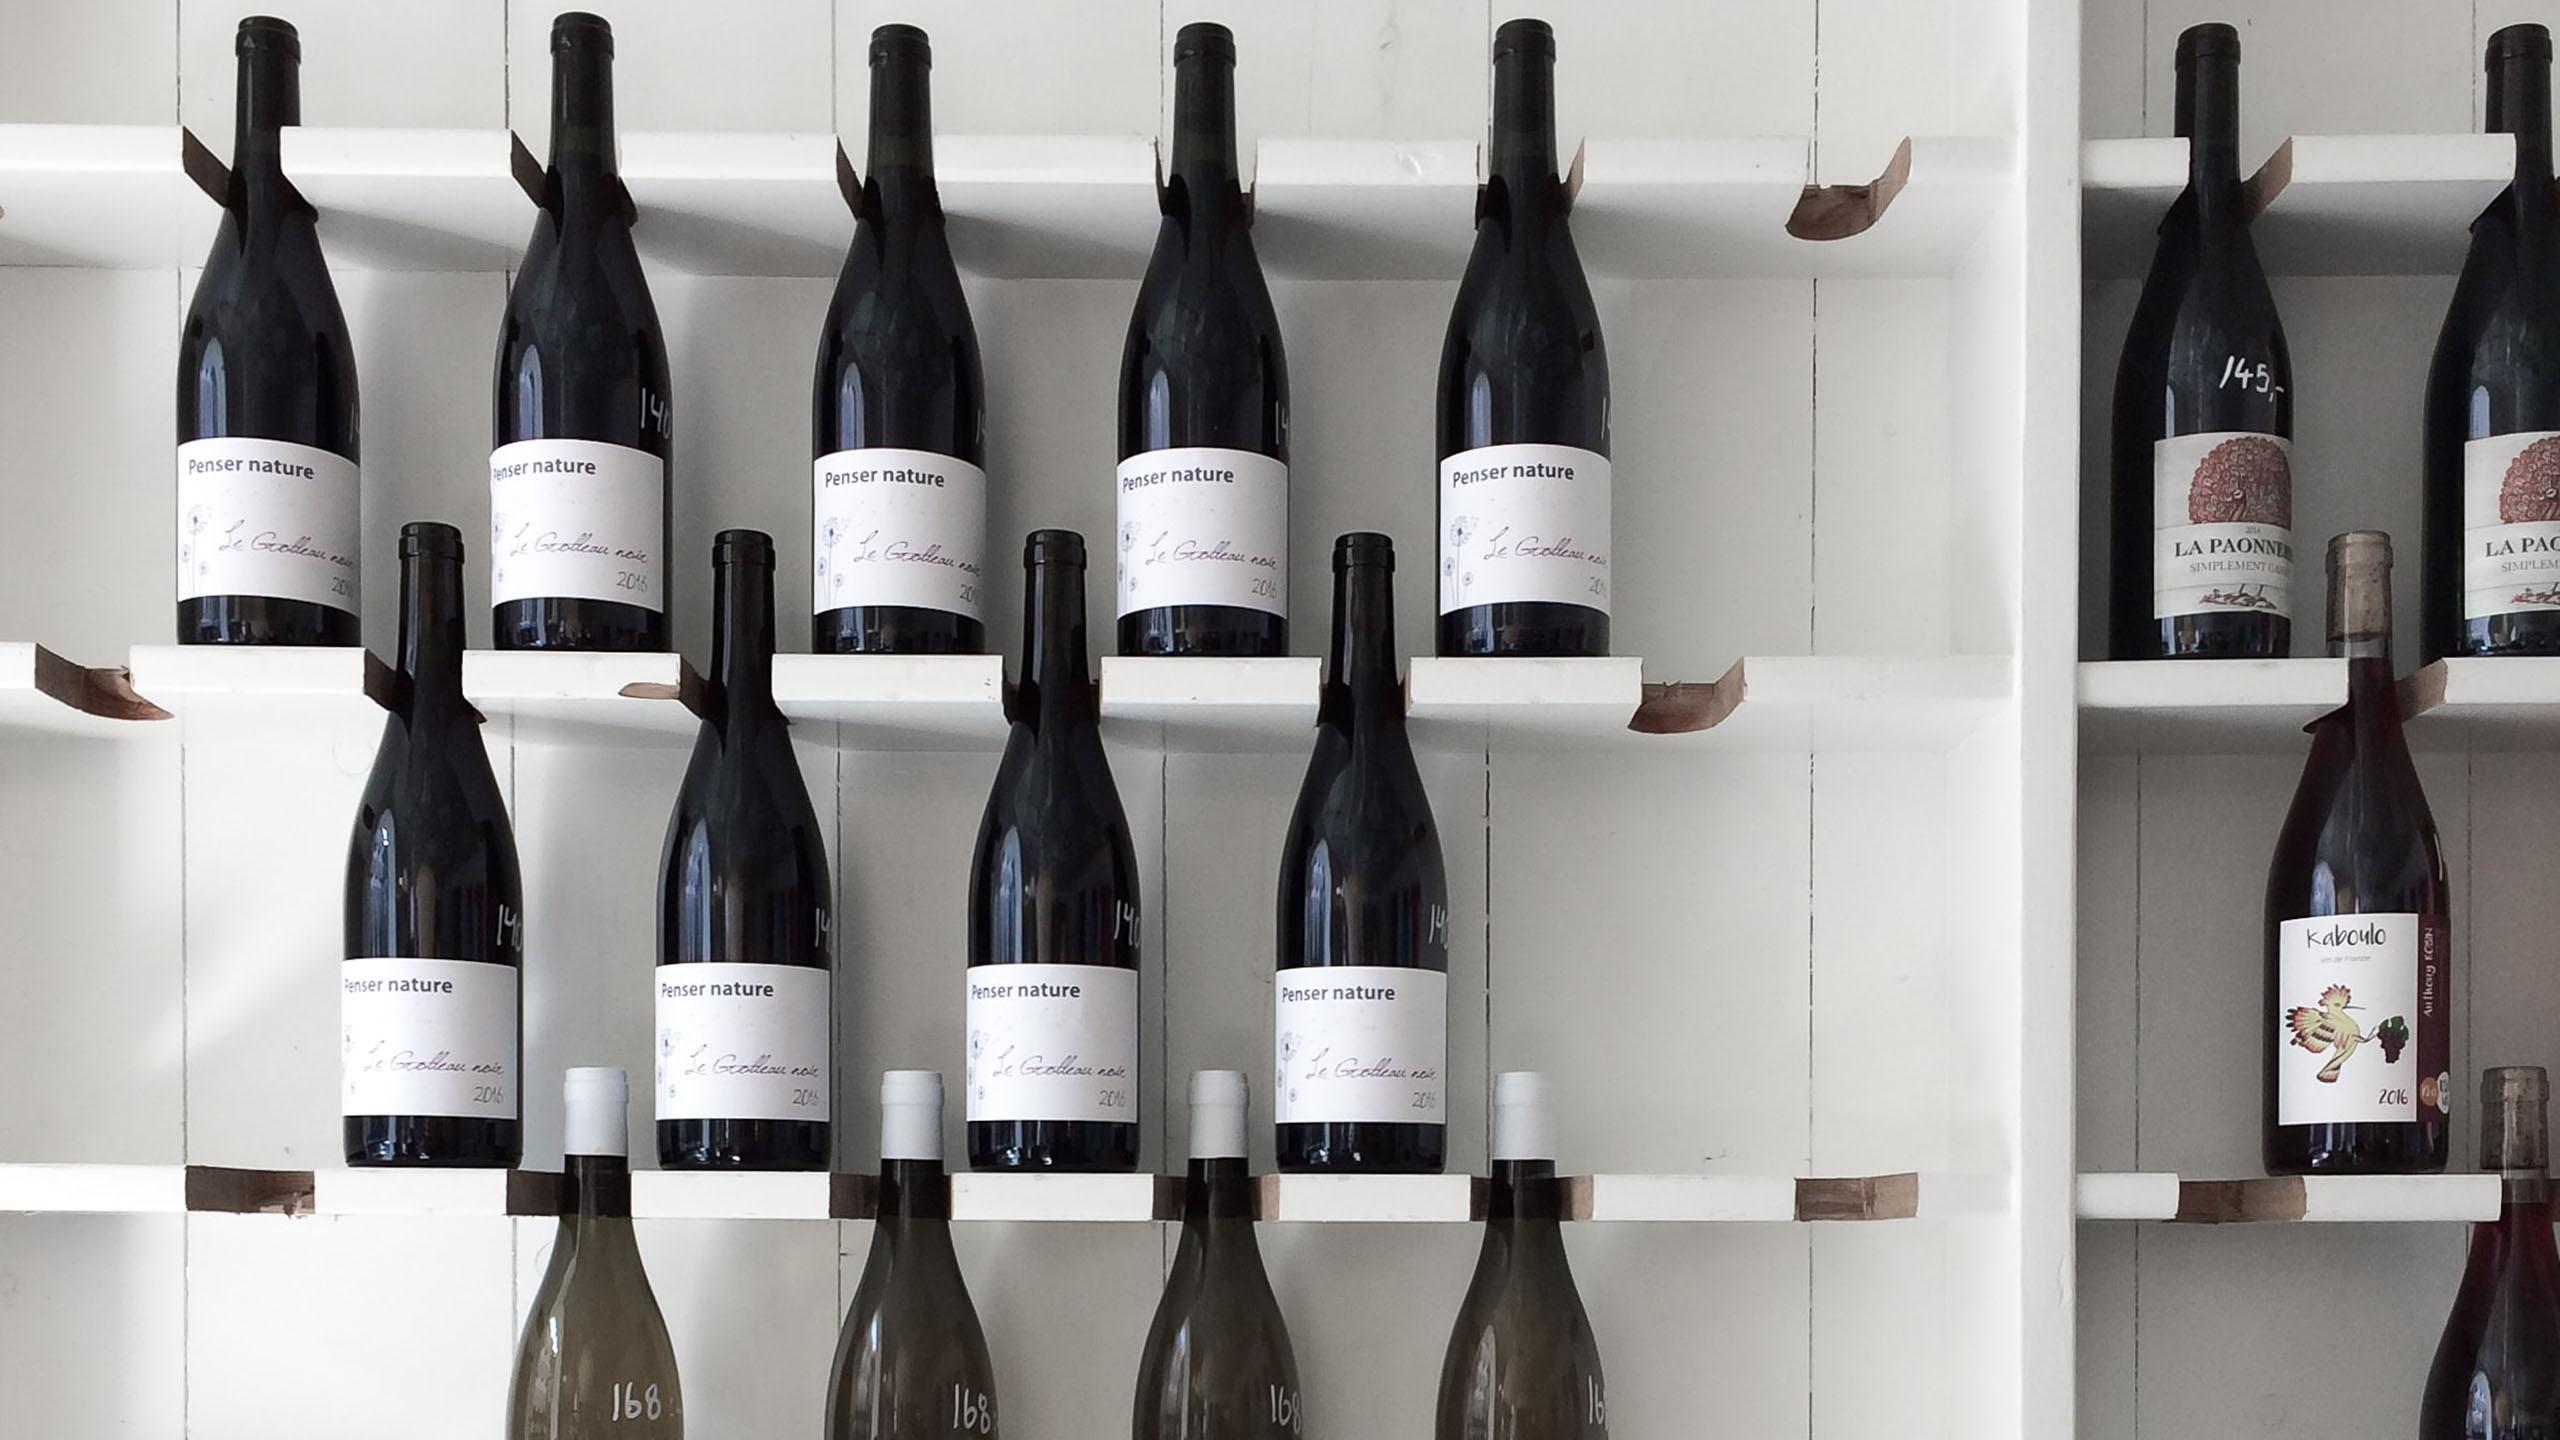 vino, venta Hot Sale, cava, vinos mexicanos